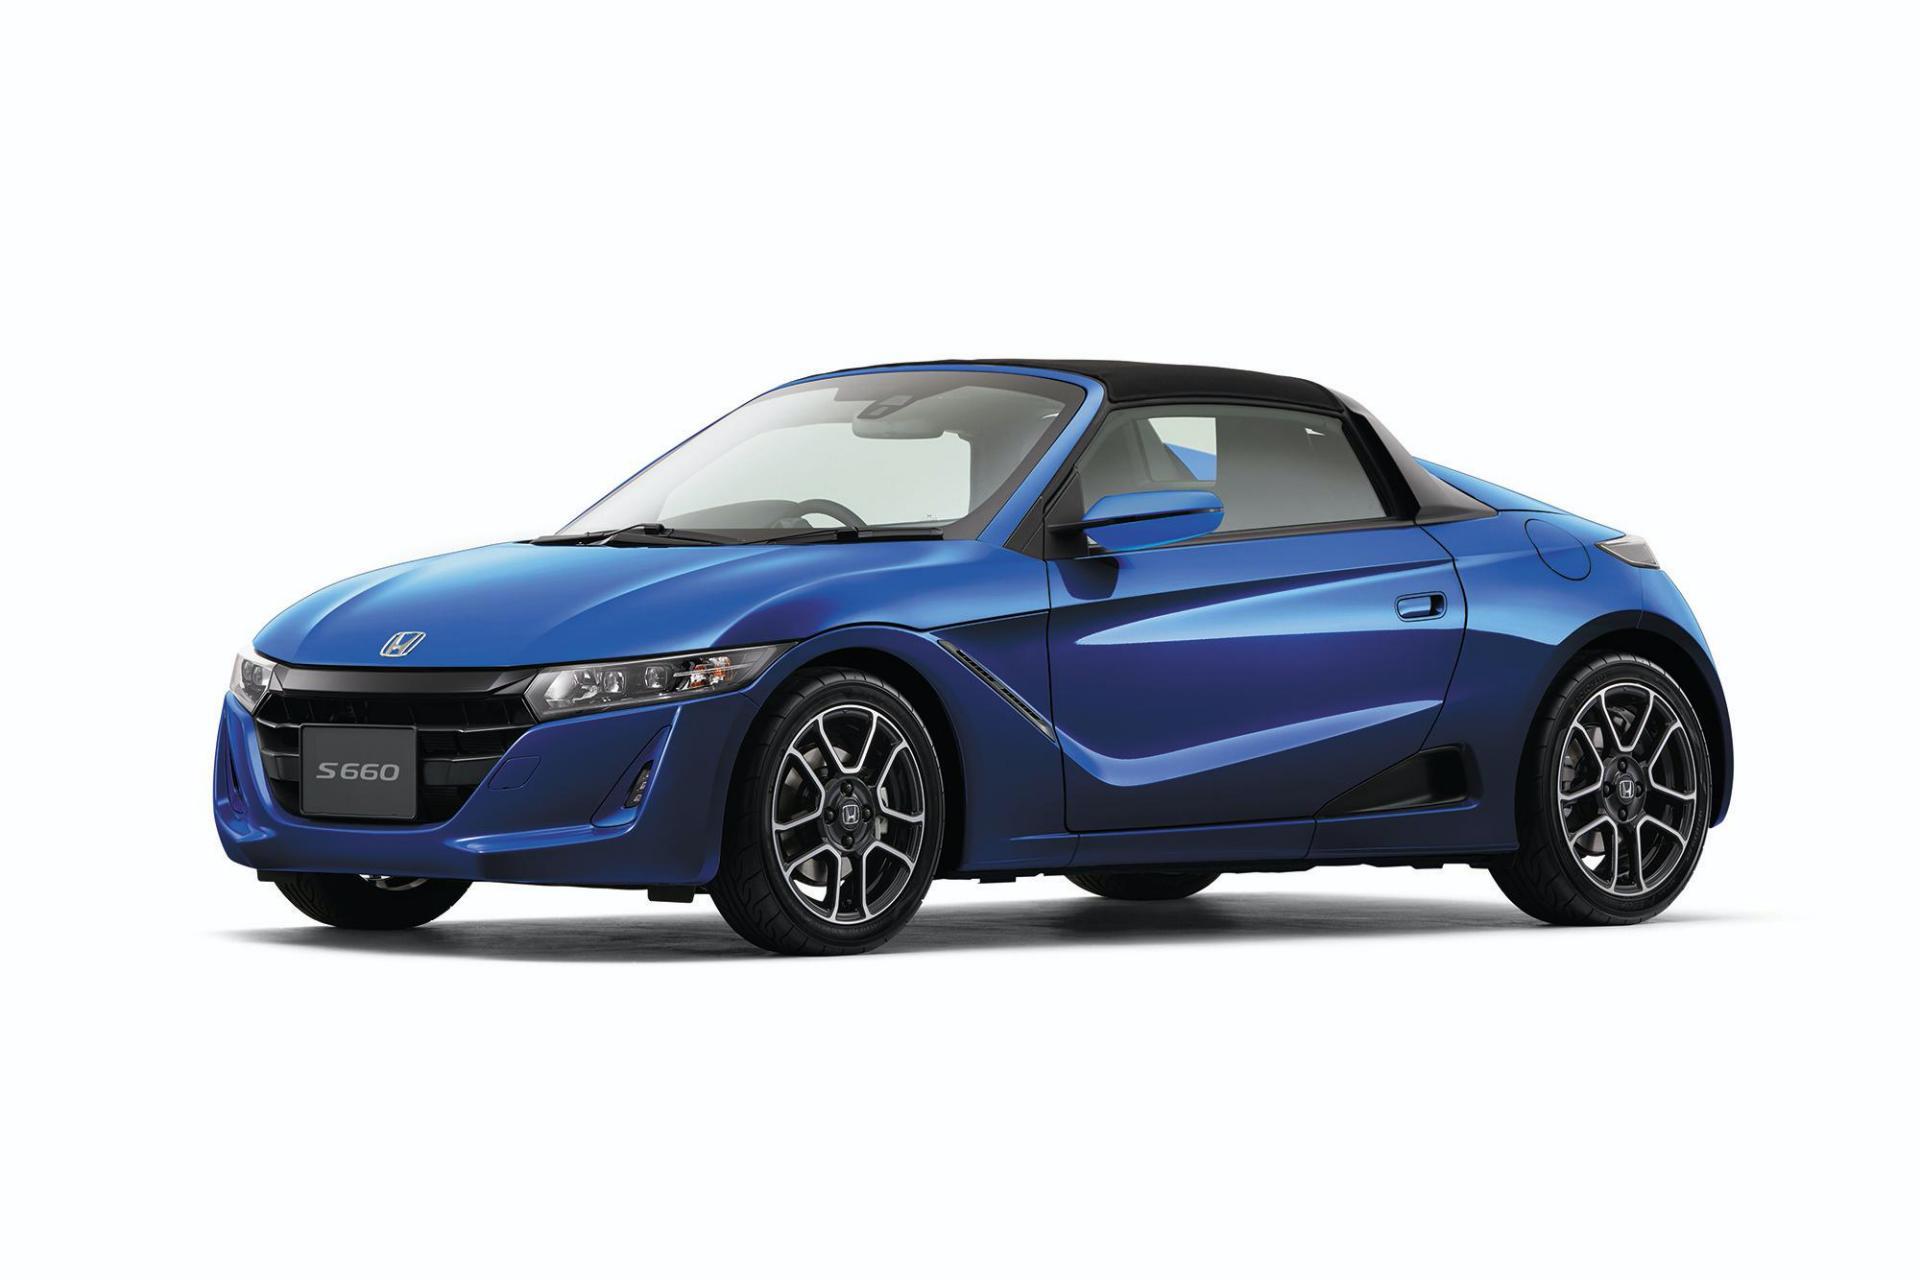 2020_Honda_S660_facelift_0014